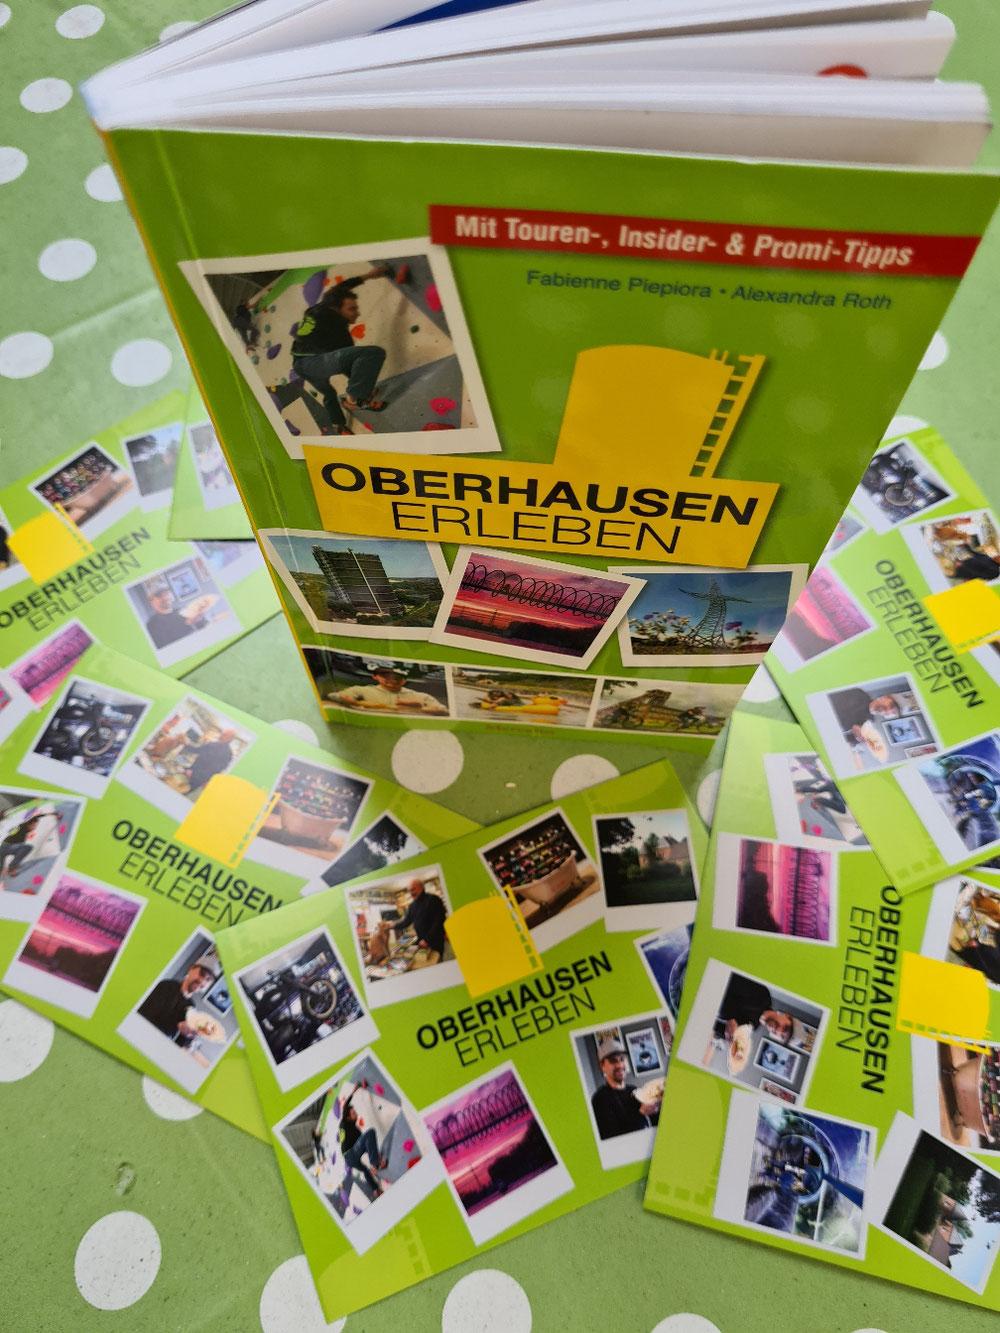 Erlebt Oberhausen mit OBERHAUSEN ERLEBEN!